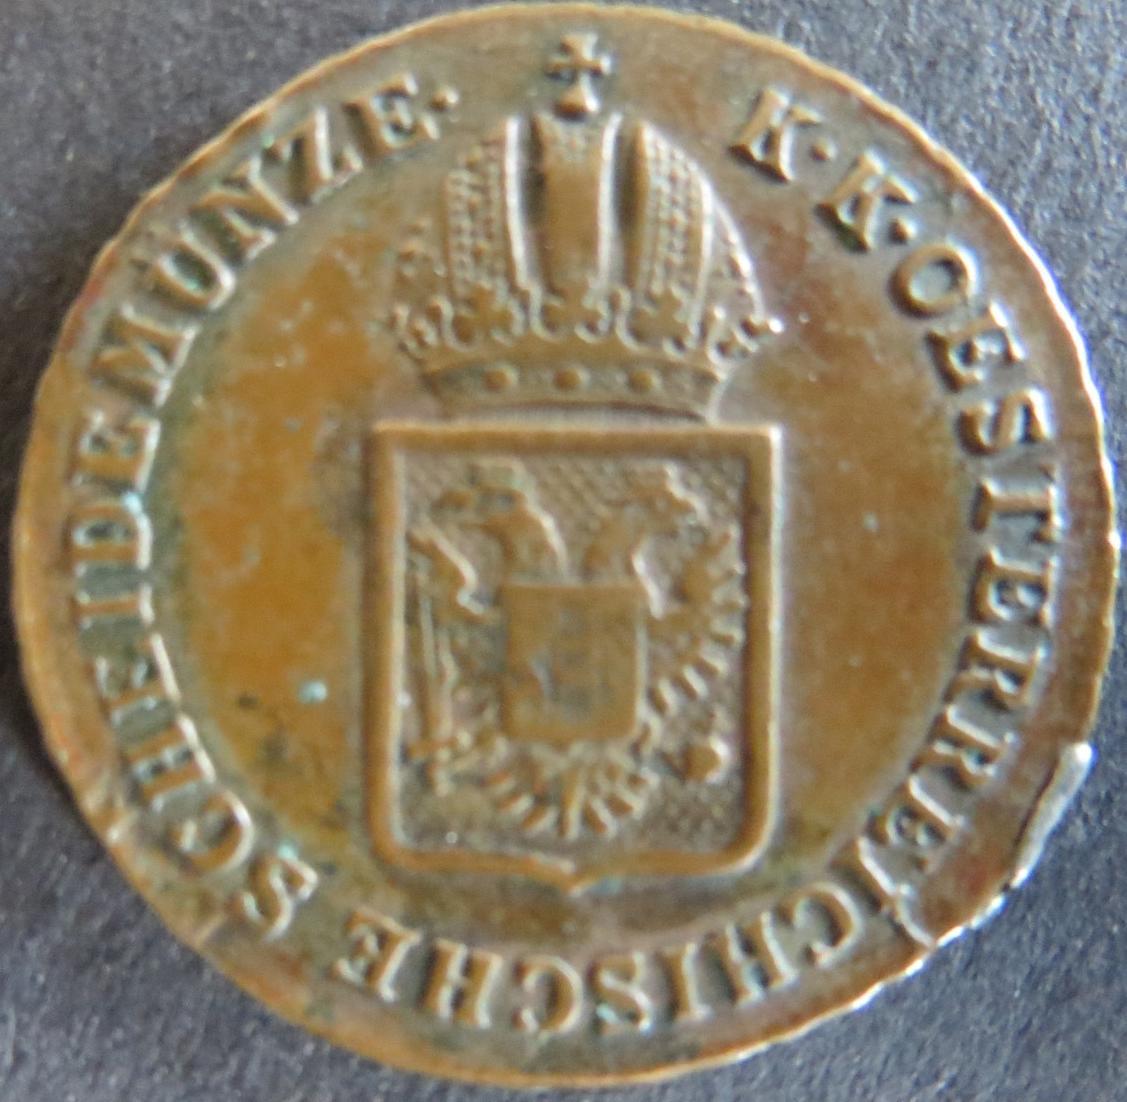 Münze Österreich 1816 A - 1/2 Kreuzer Kaiserkrone Wappenschild Kupfer ss